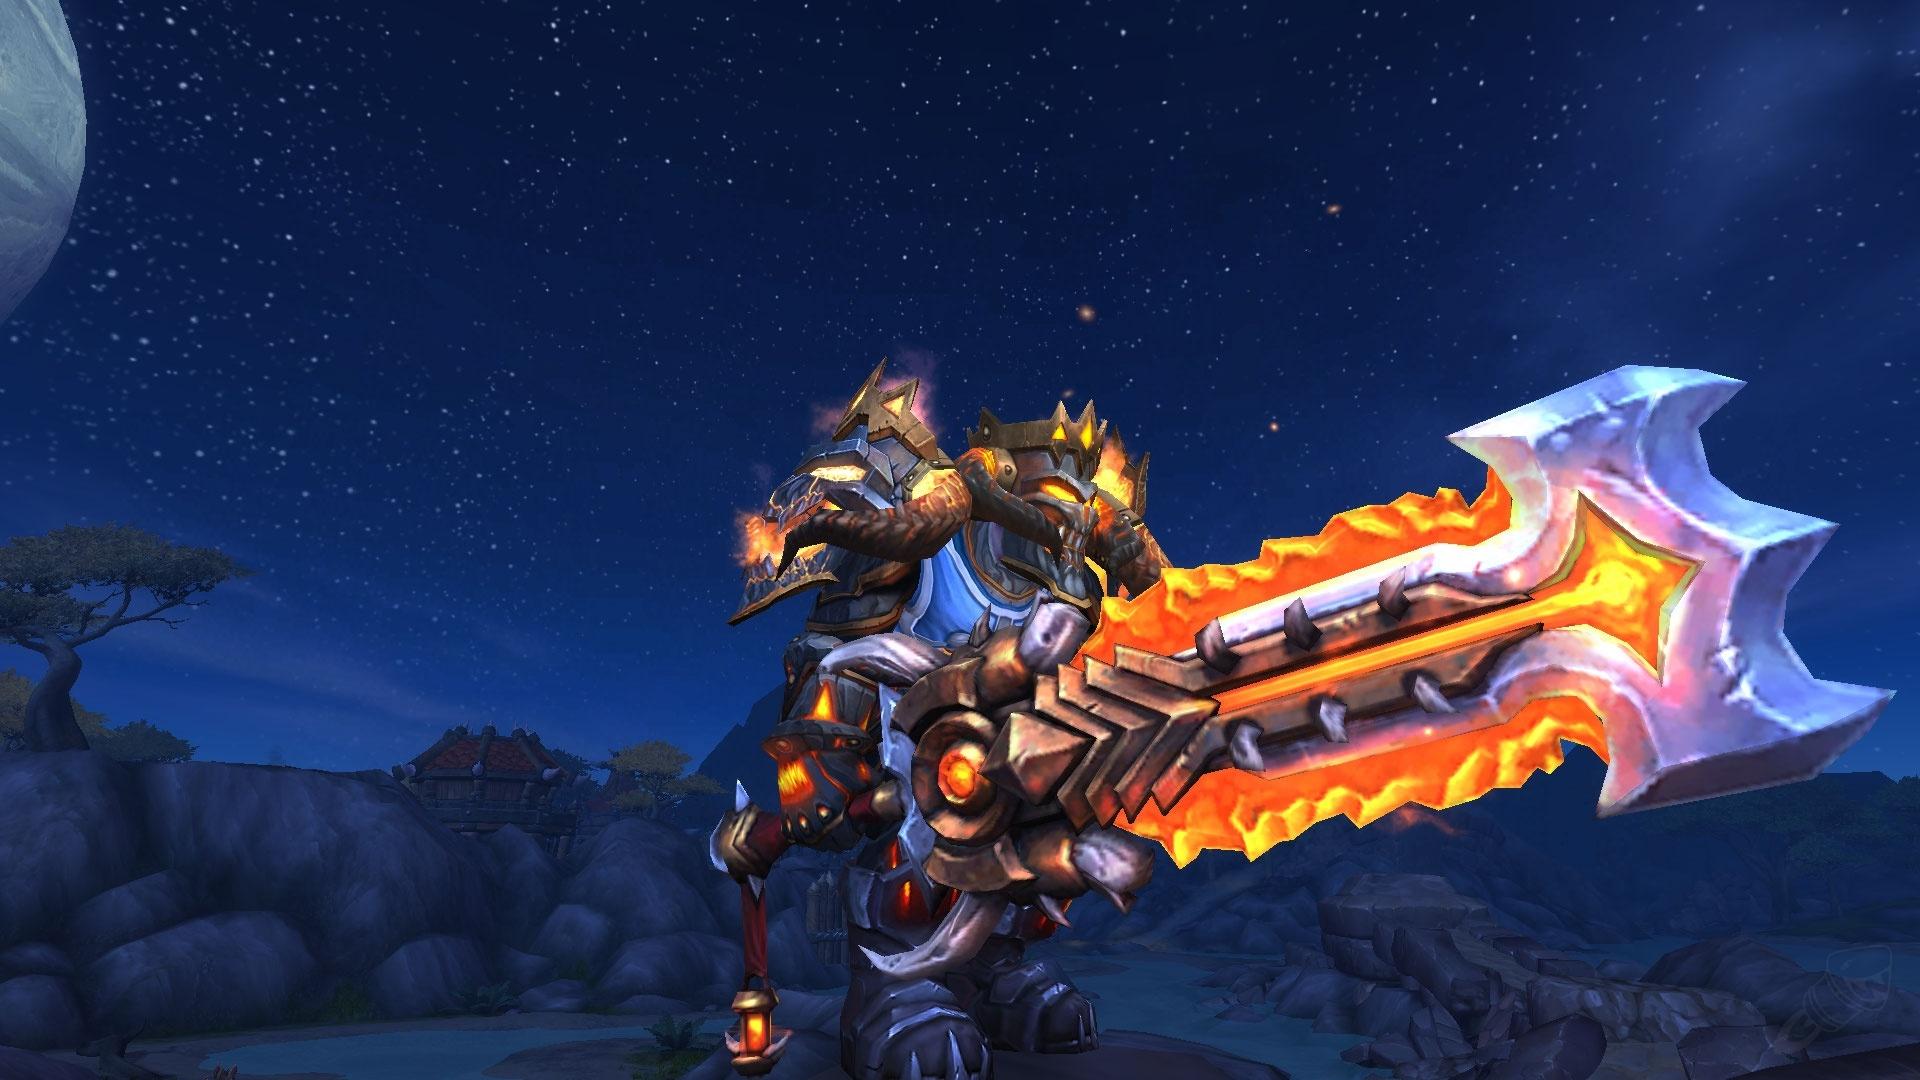 najlepiej wyglądające bronie wMMORPG greatsword of the glaive